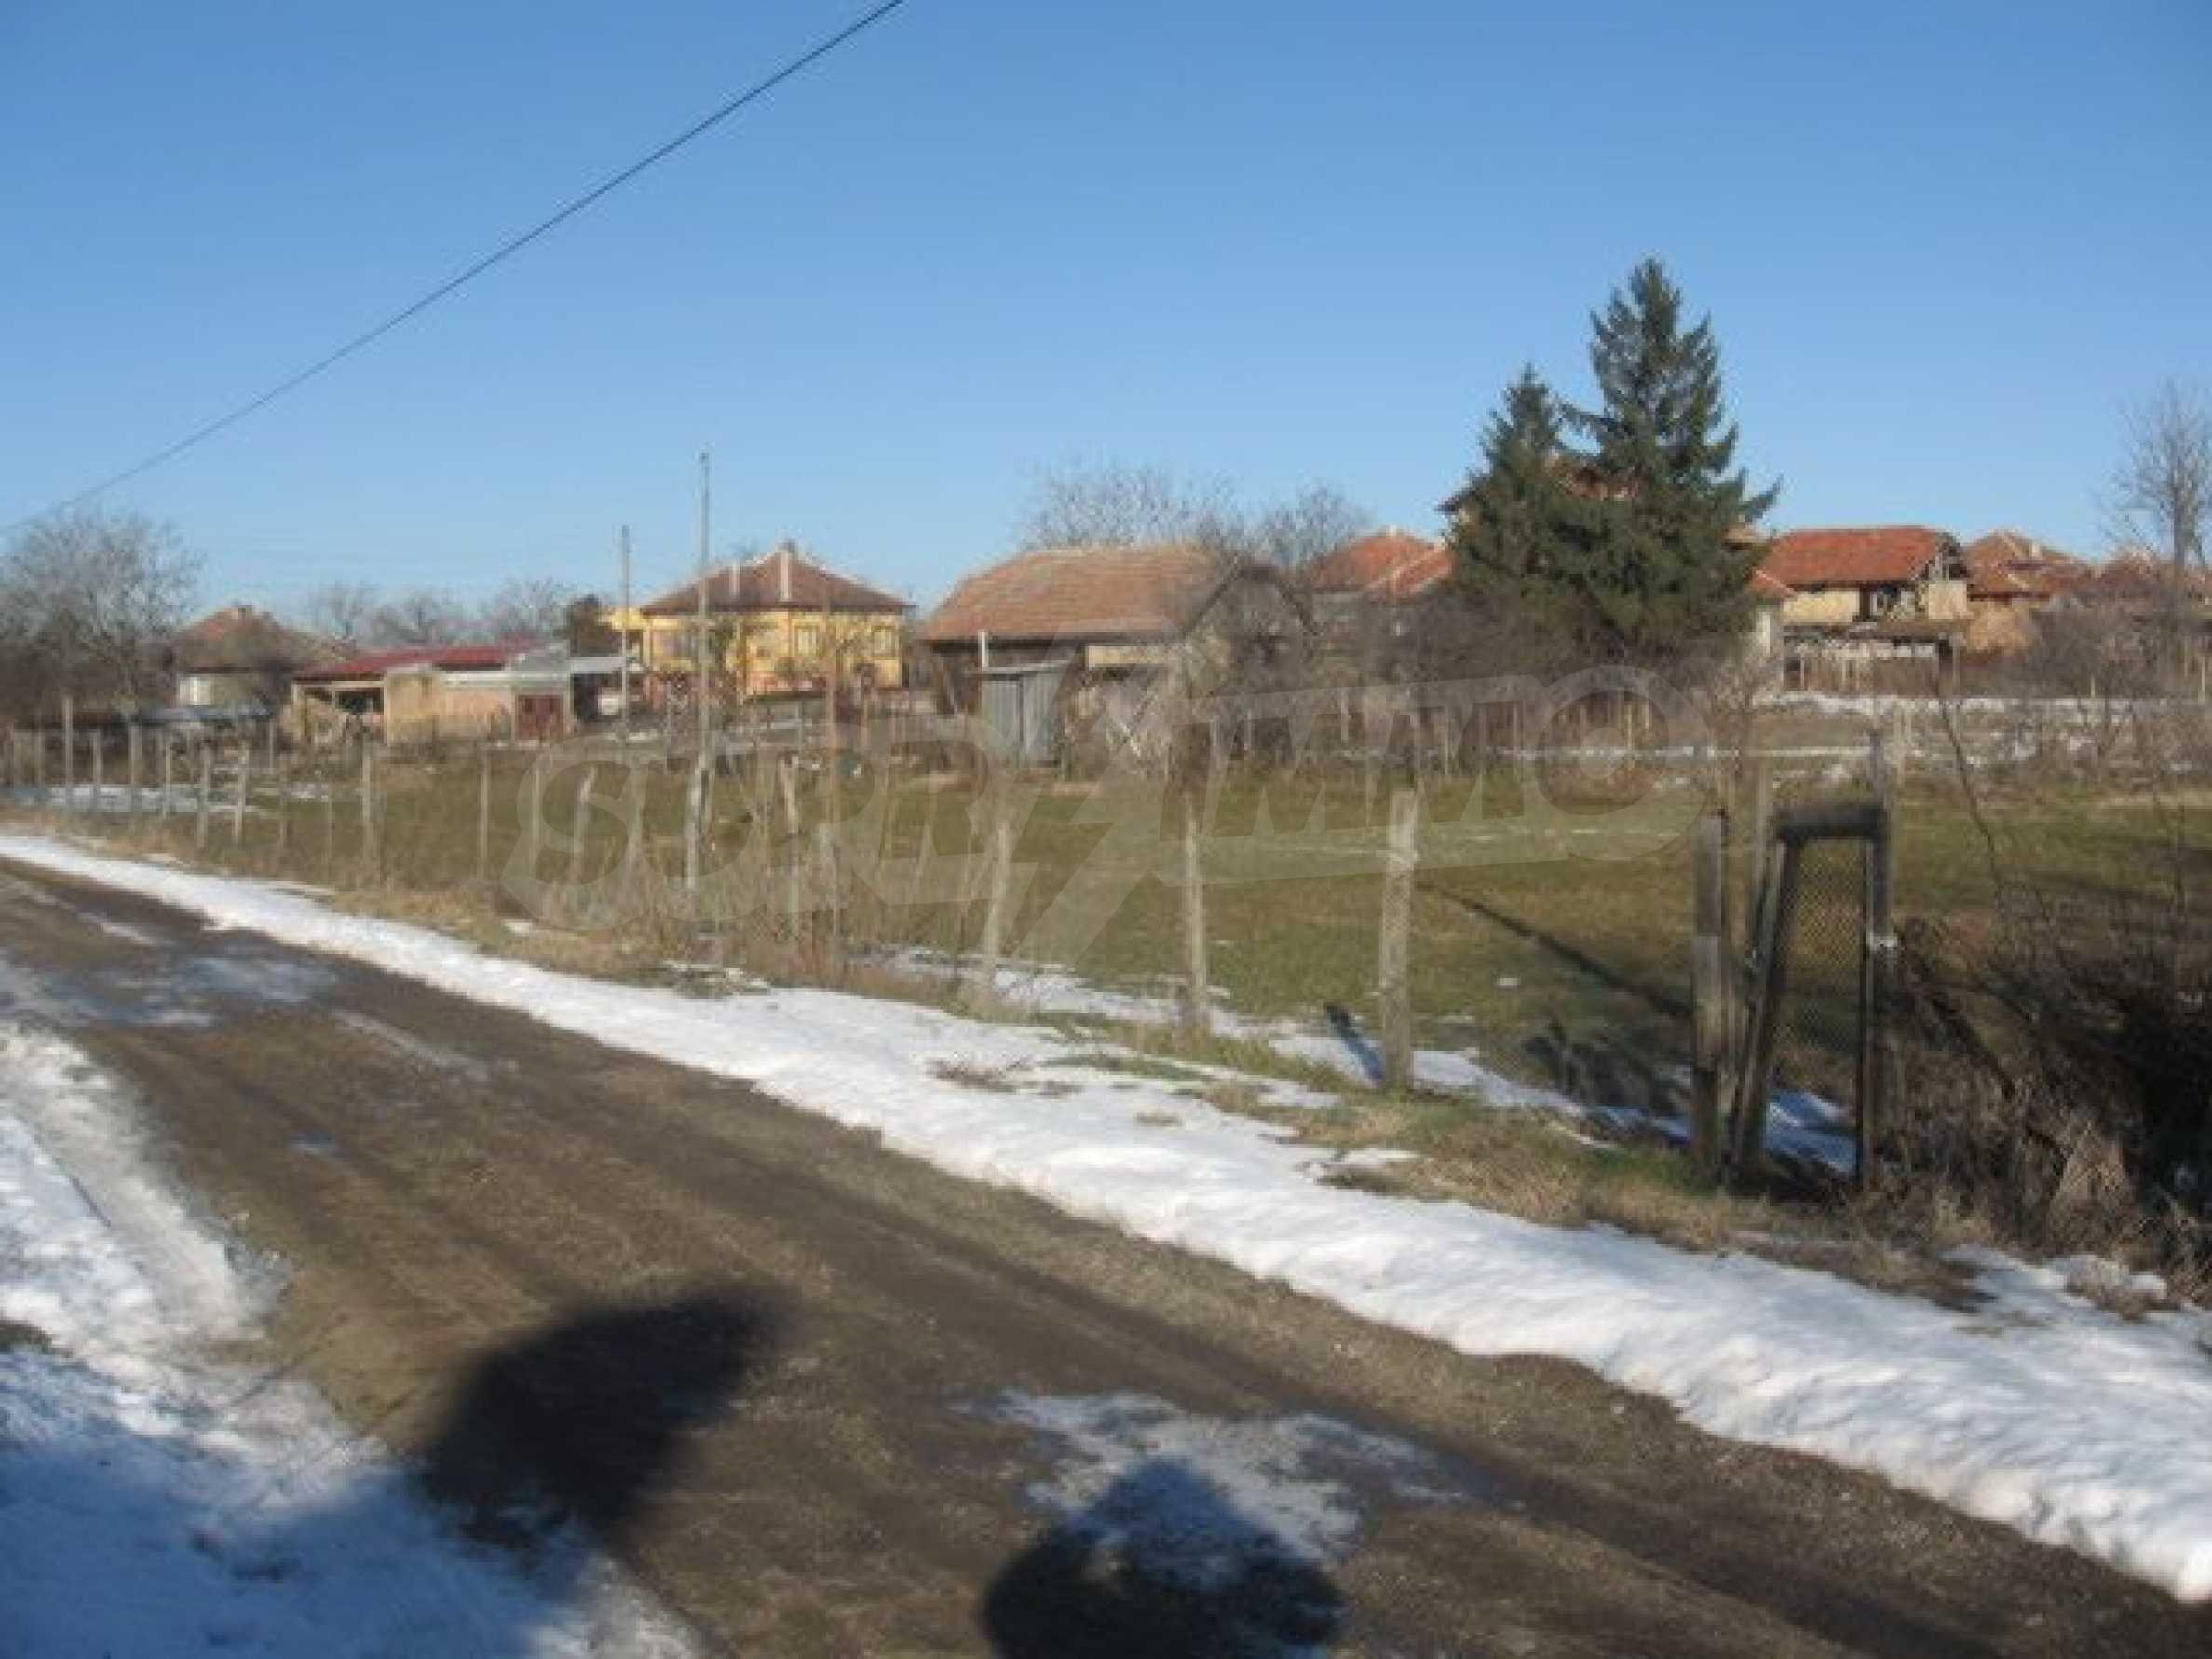 Участок под строительство возле Дунай мост 2, г. Видин 3